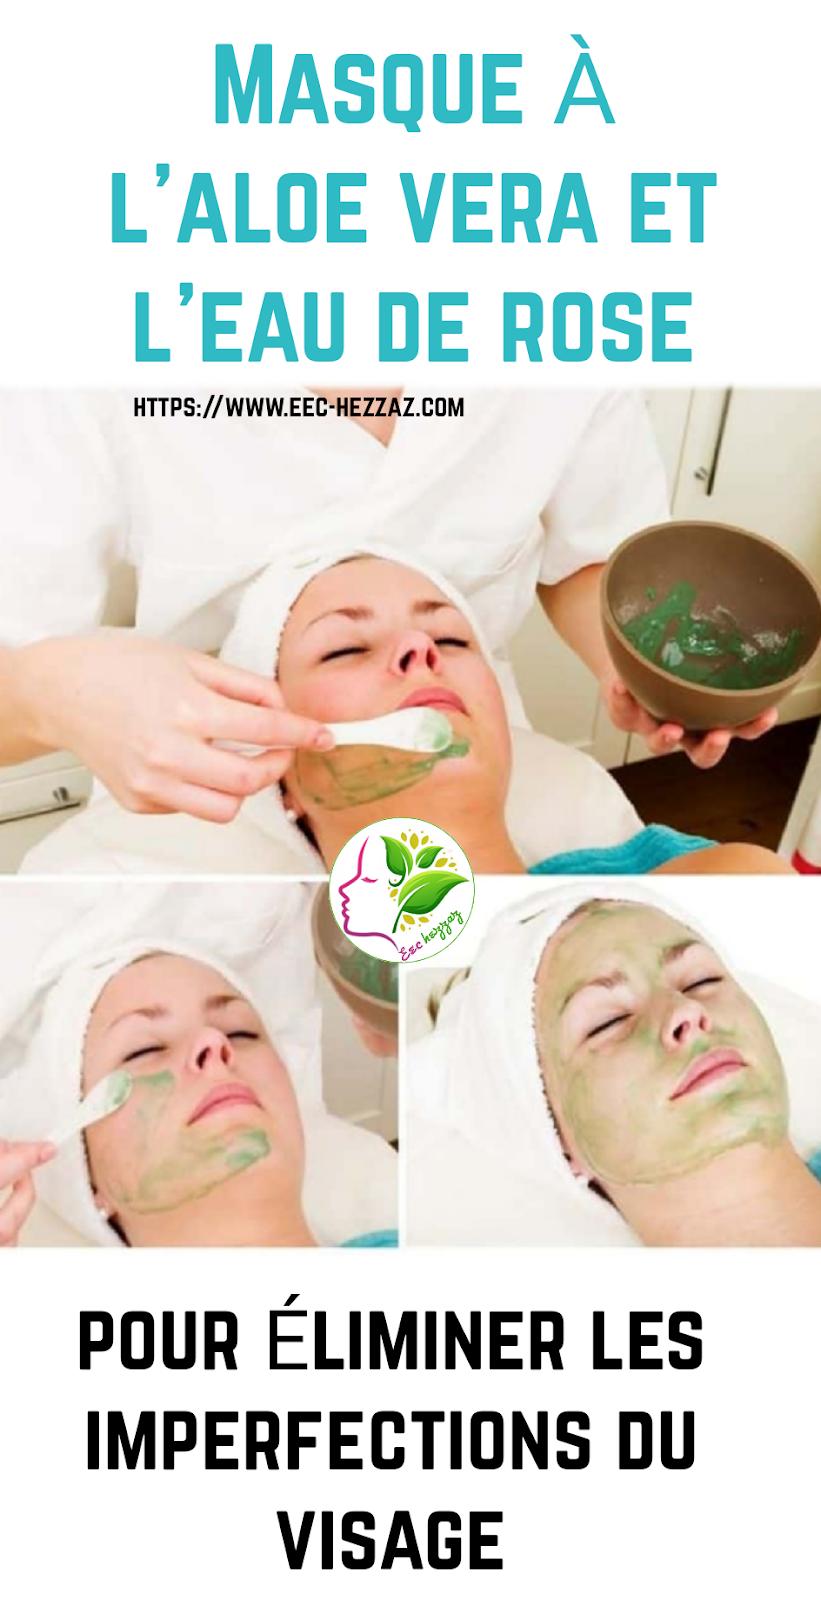 Masque à l'aloe vera et l'eau de rose pour éliminer les imperfections du visage